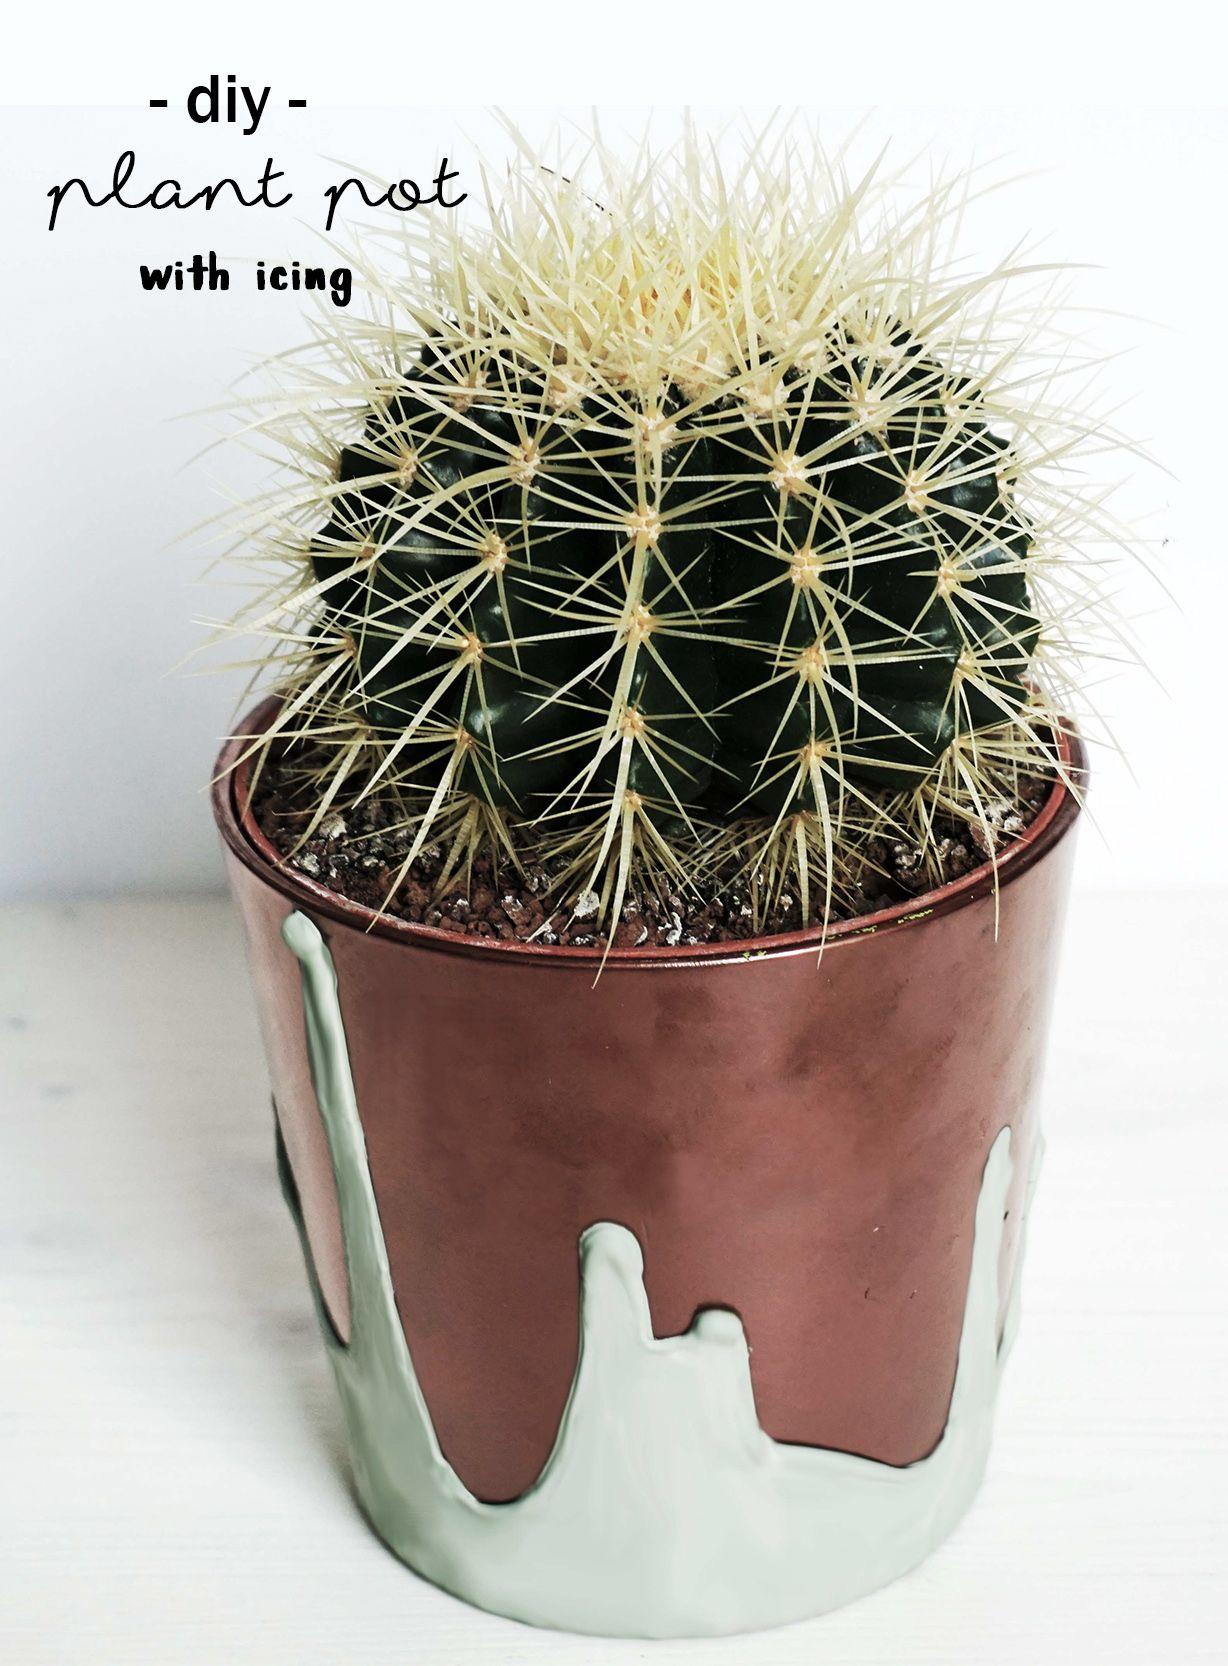 diy blumentopf mit kupfer und glasur | crafting, plant pots and copper, Gartengerate ideen